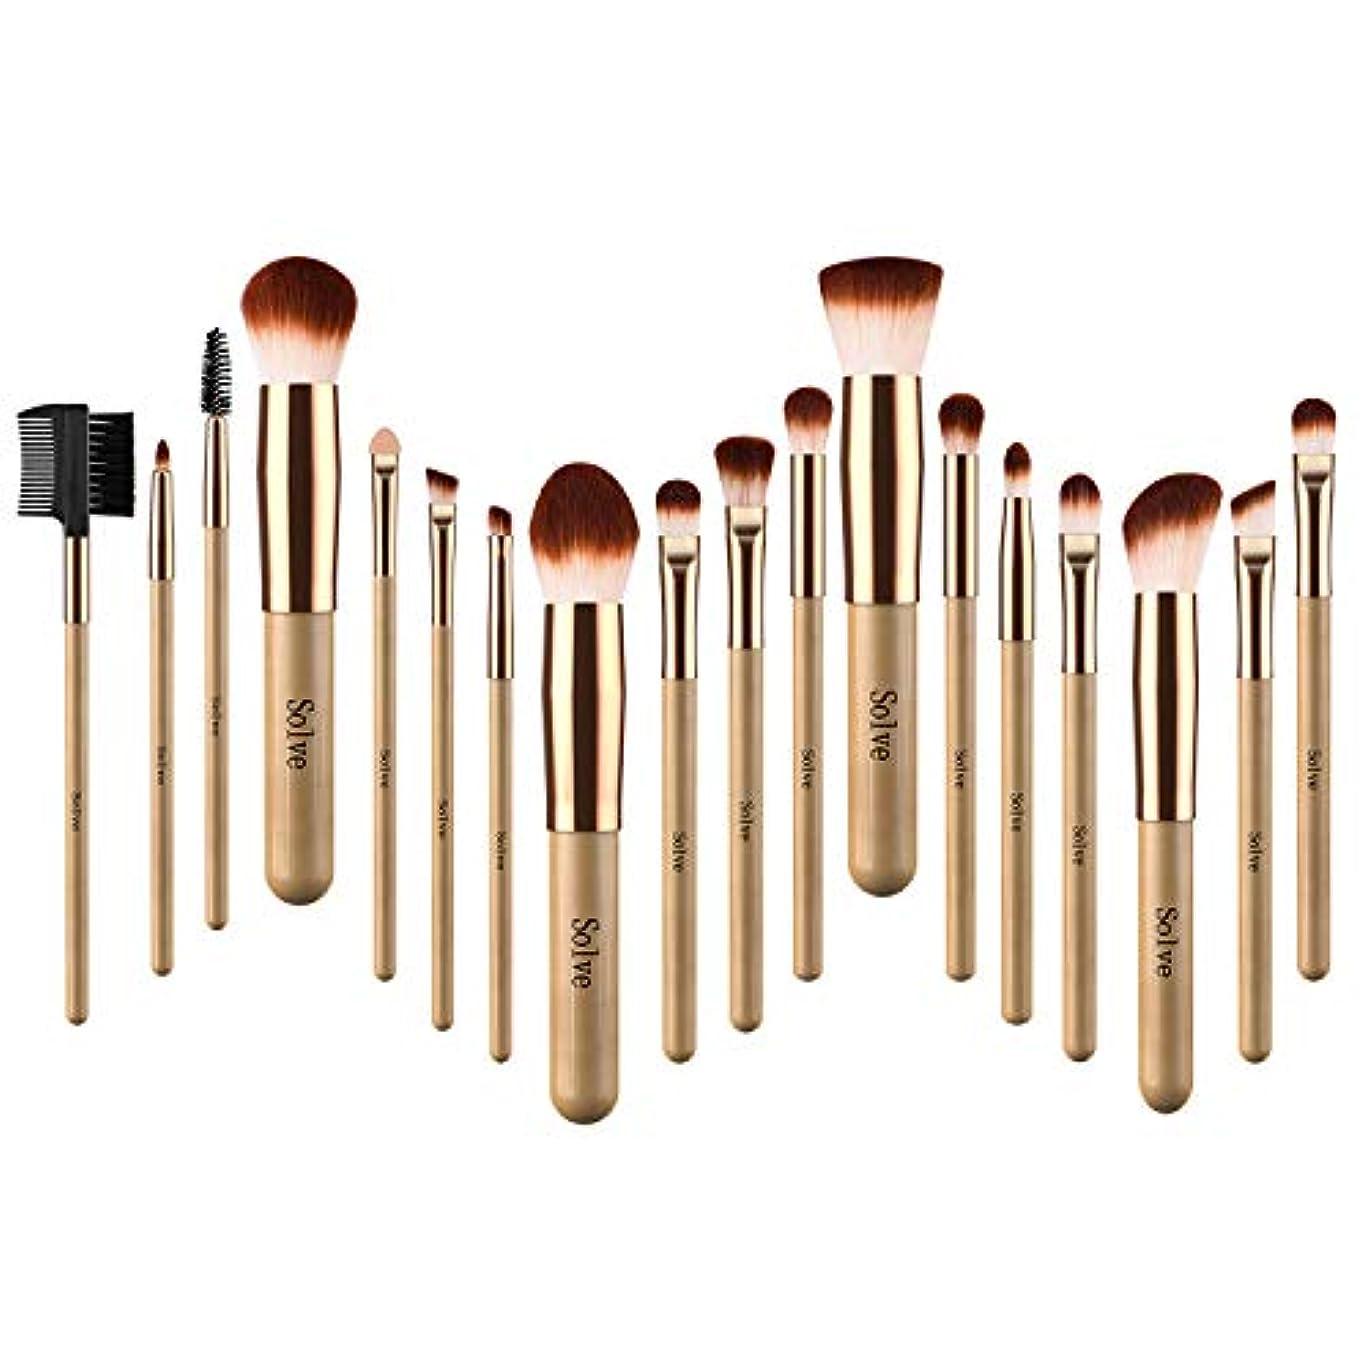 腸大臣おびえたSOLVE メイクブラシ 18本 木製 化粧筆 柔らかい化粧ブラシ 旅行用セット メイク道具